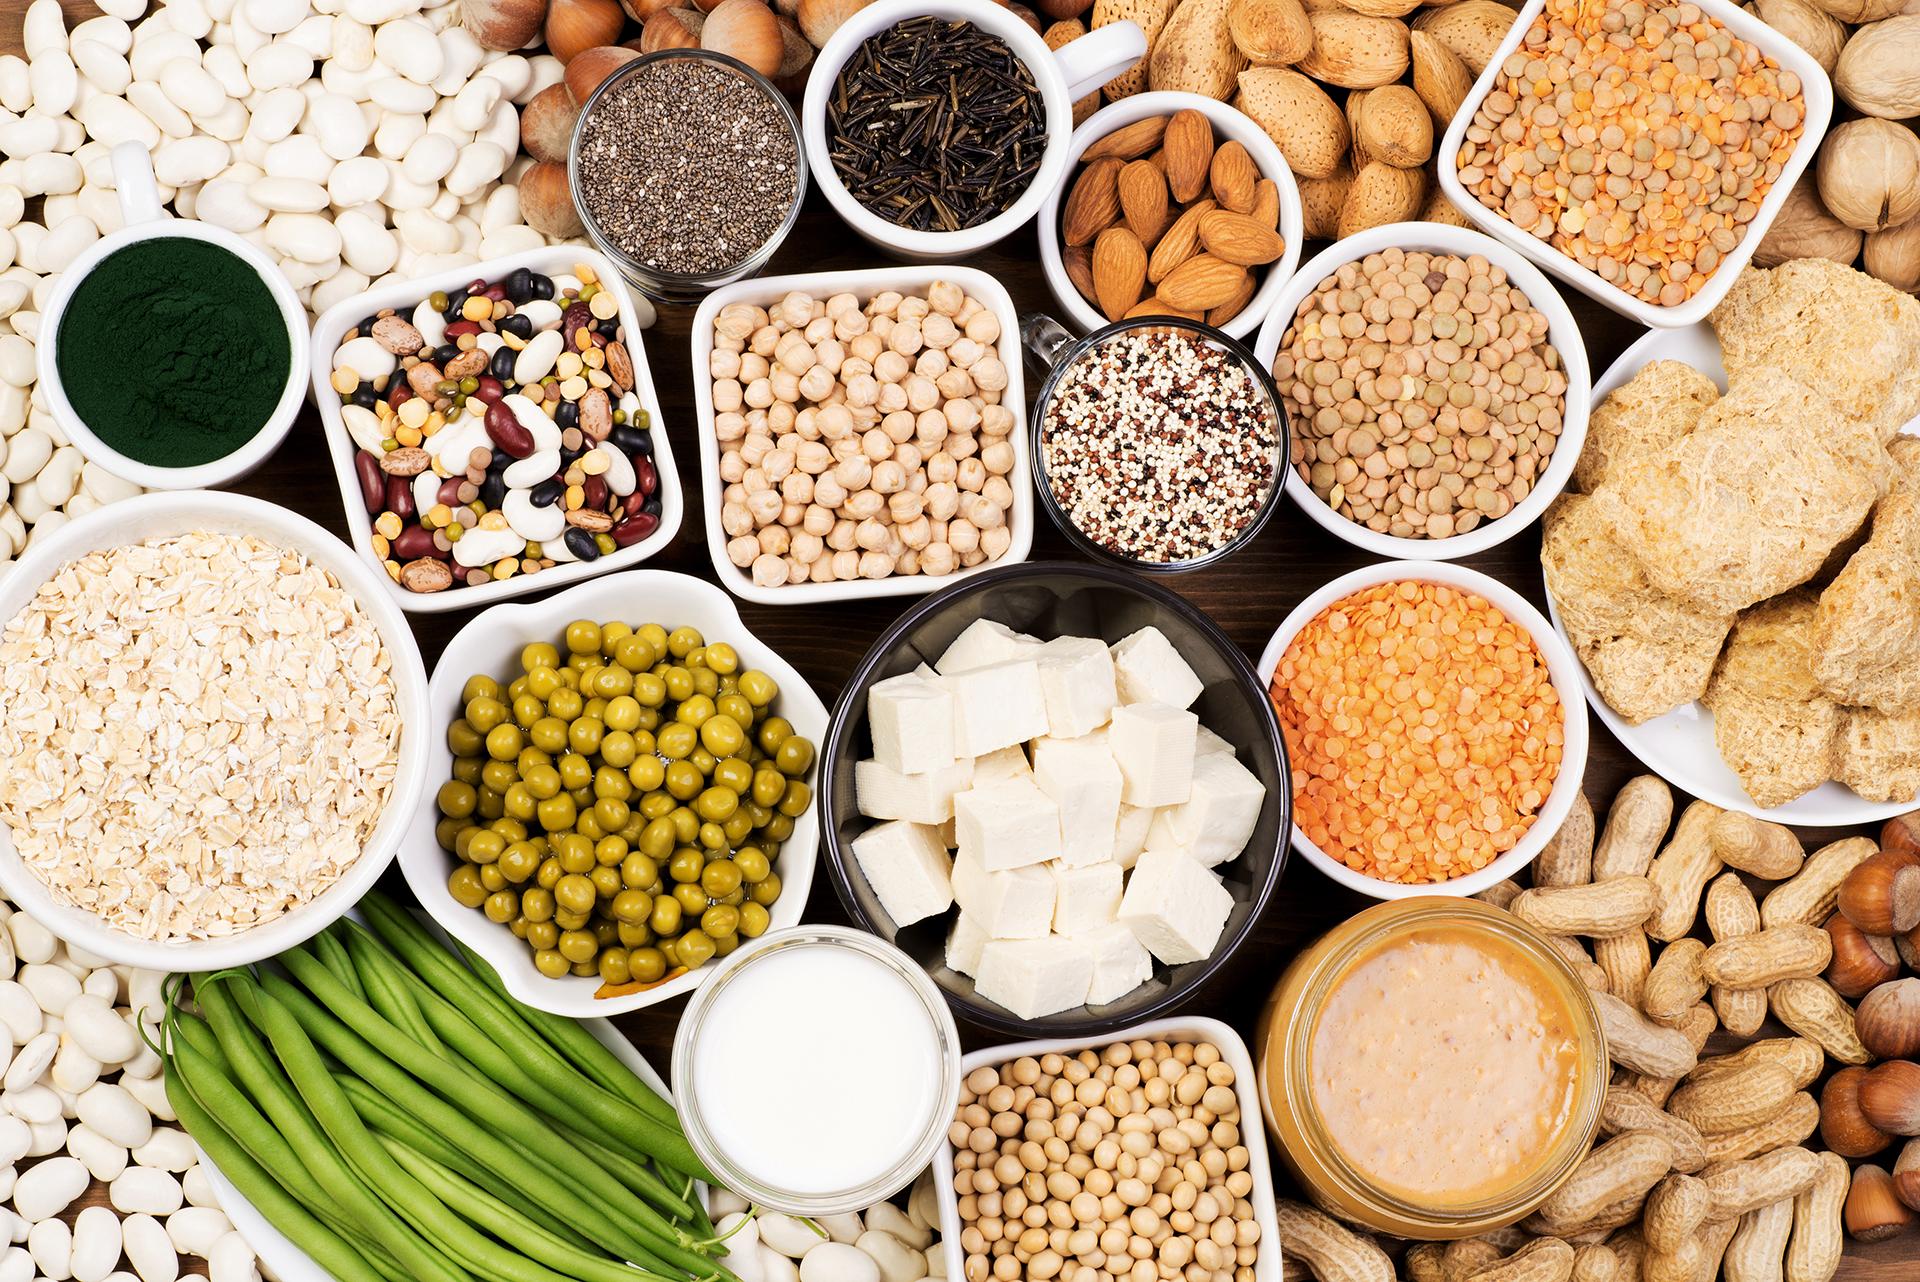 Ernährungstrends & Superfoods: Was steckt dahinter? Gibt es Alternativen? / Titel © Photka / AdobeStock #213713727